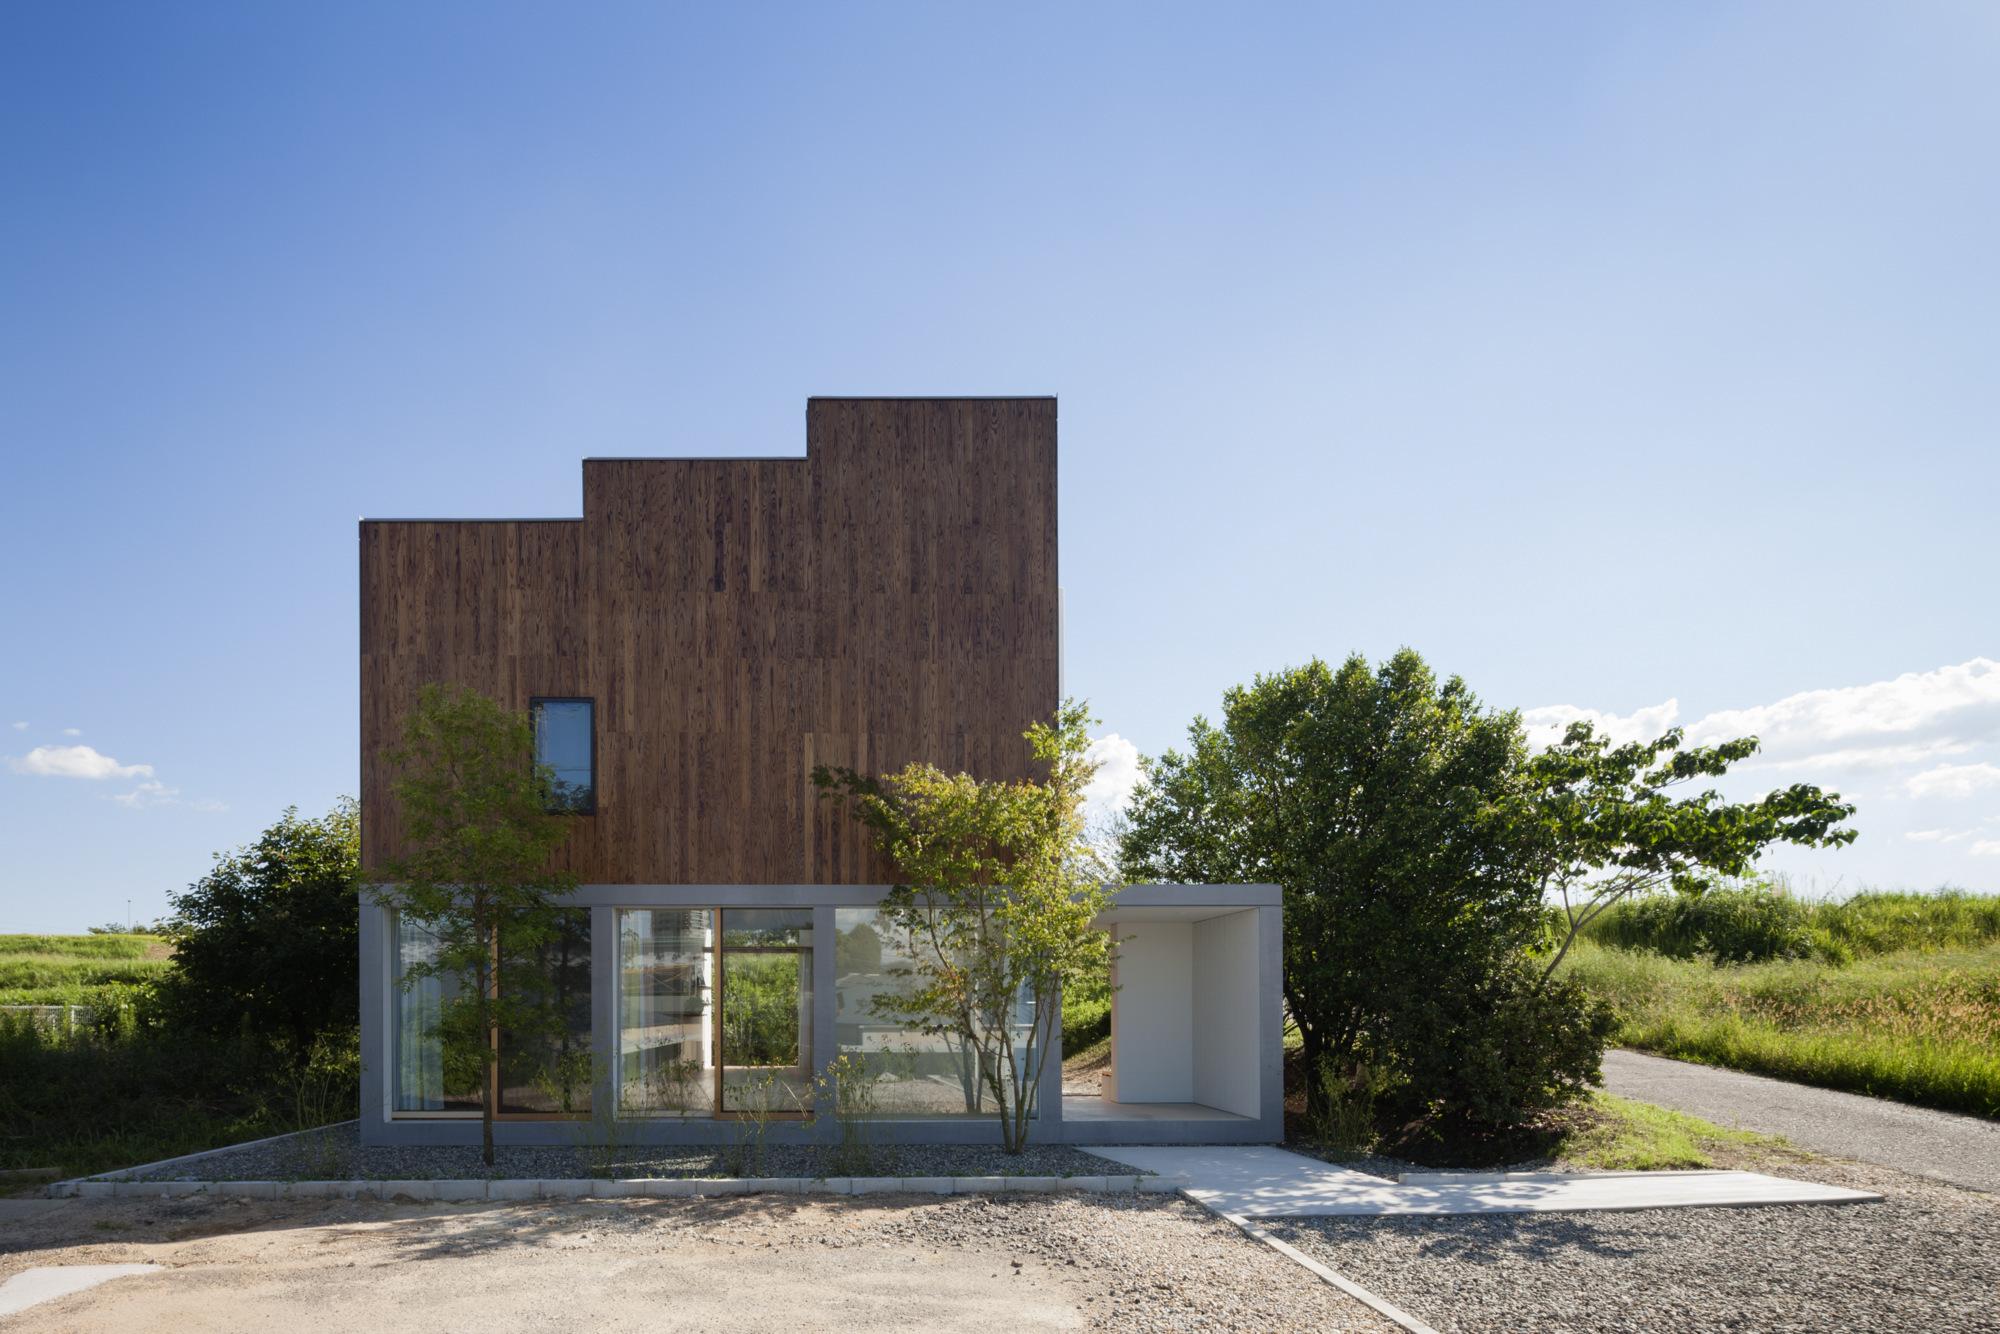 House Passage of Landscape / Ihrmk (14)